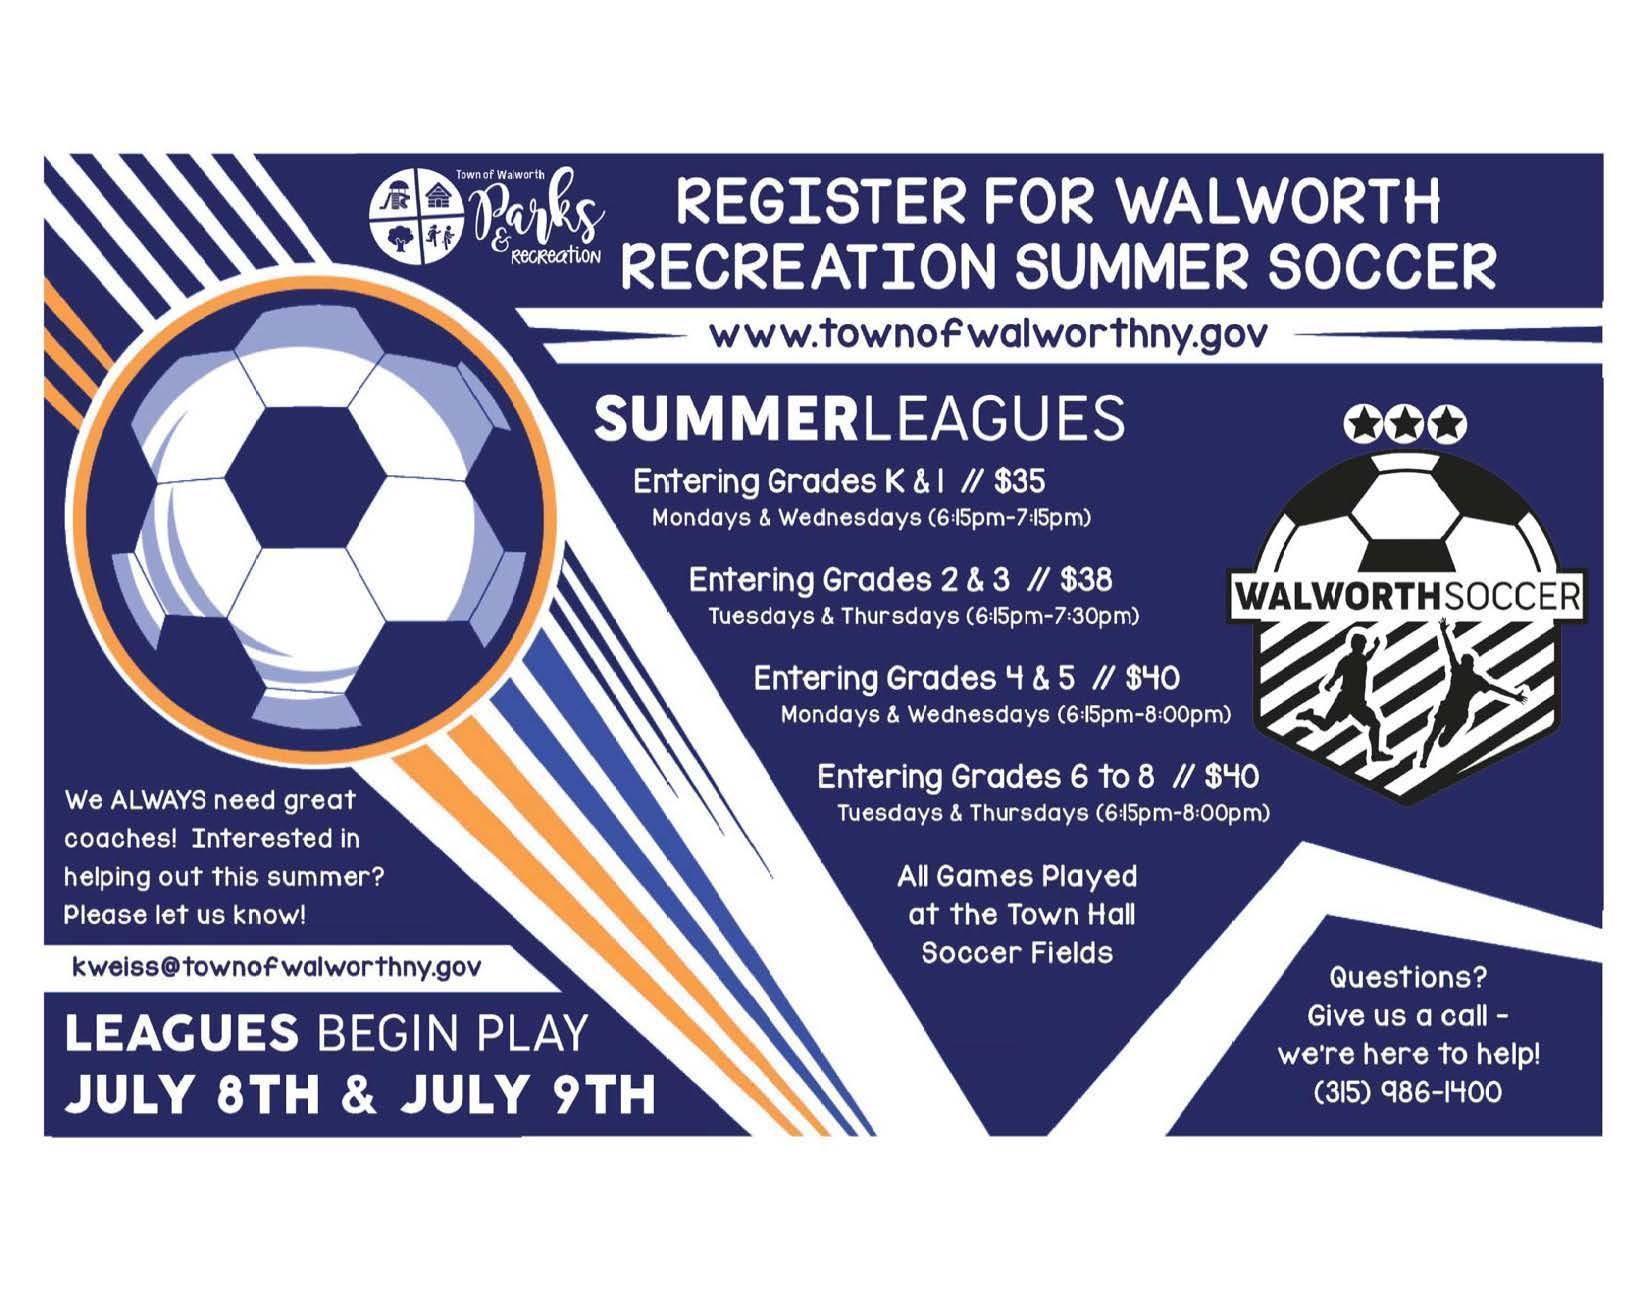 Walworth Rec Summer Soccer